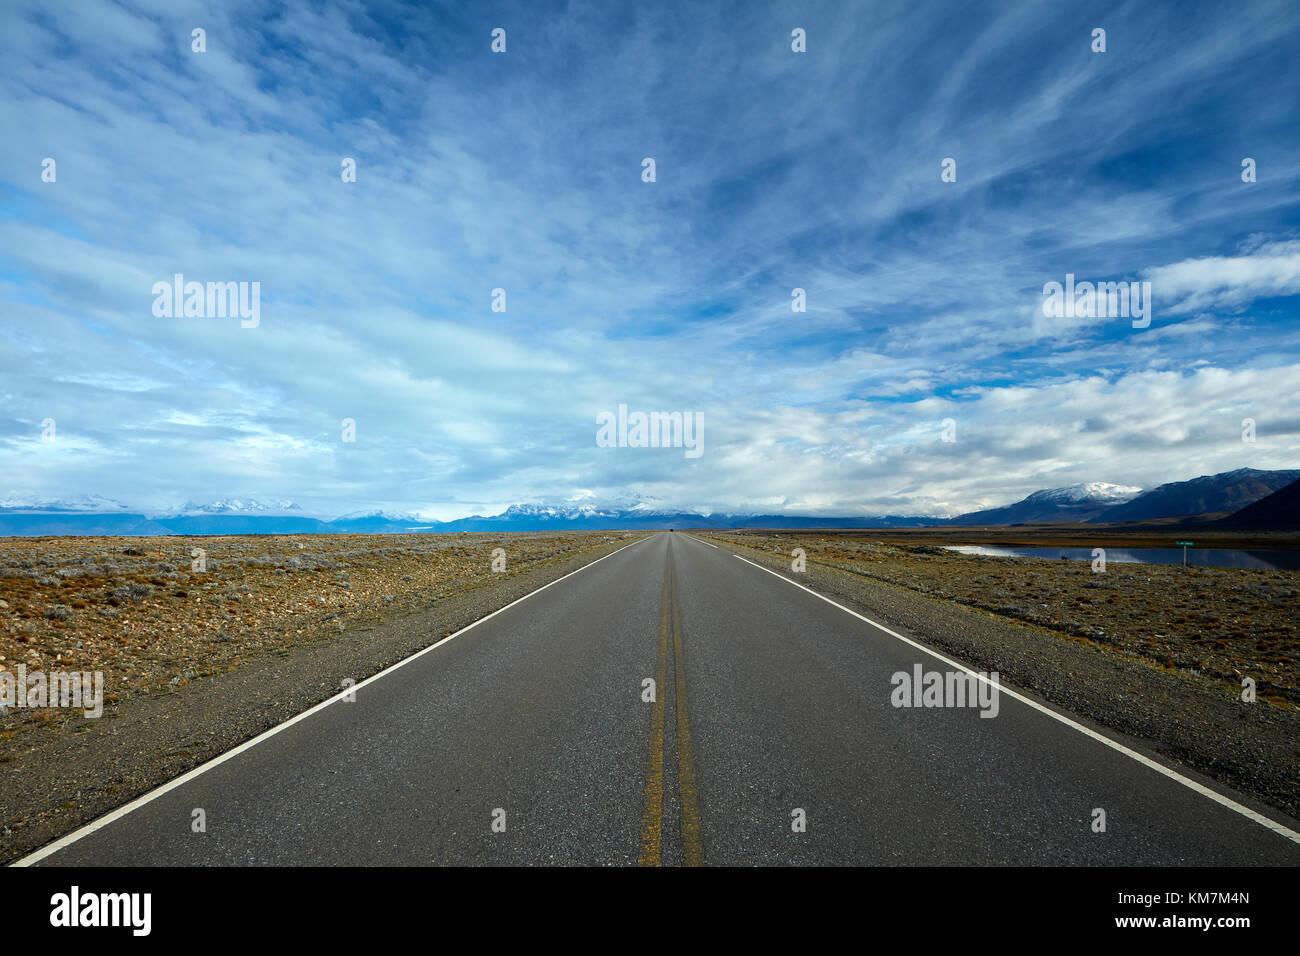 Por carretera desde el Calafate a El Chalten, Patagonia argentina, SUDAMÉRICA Imagen De Stock